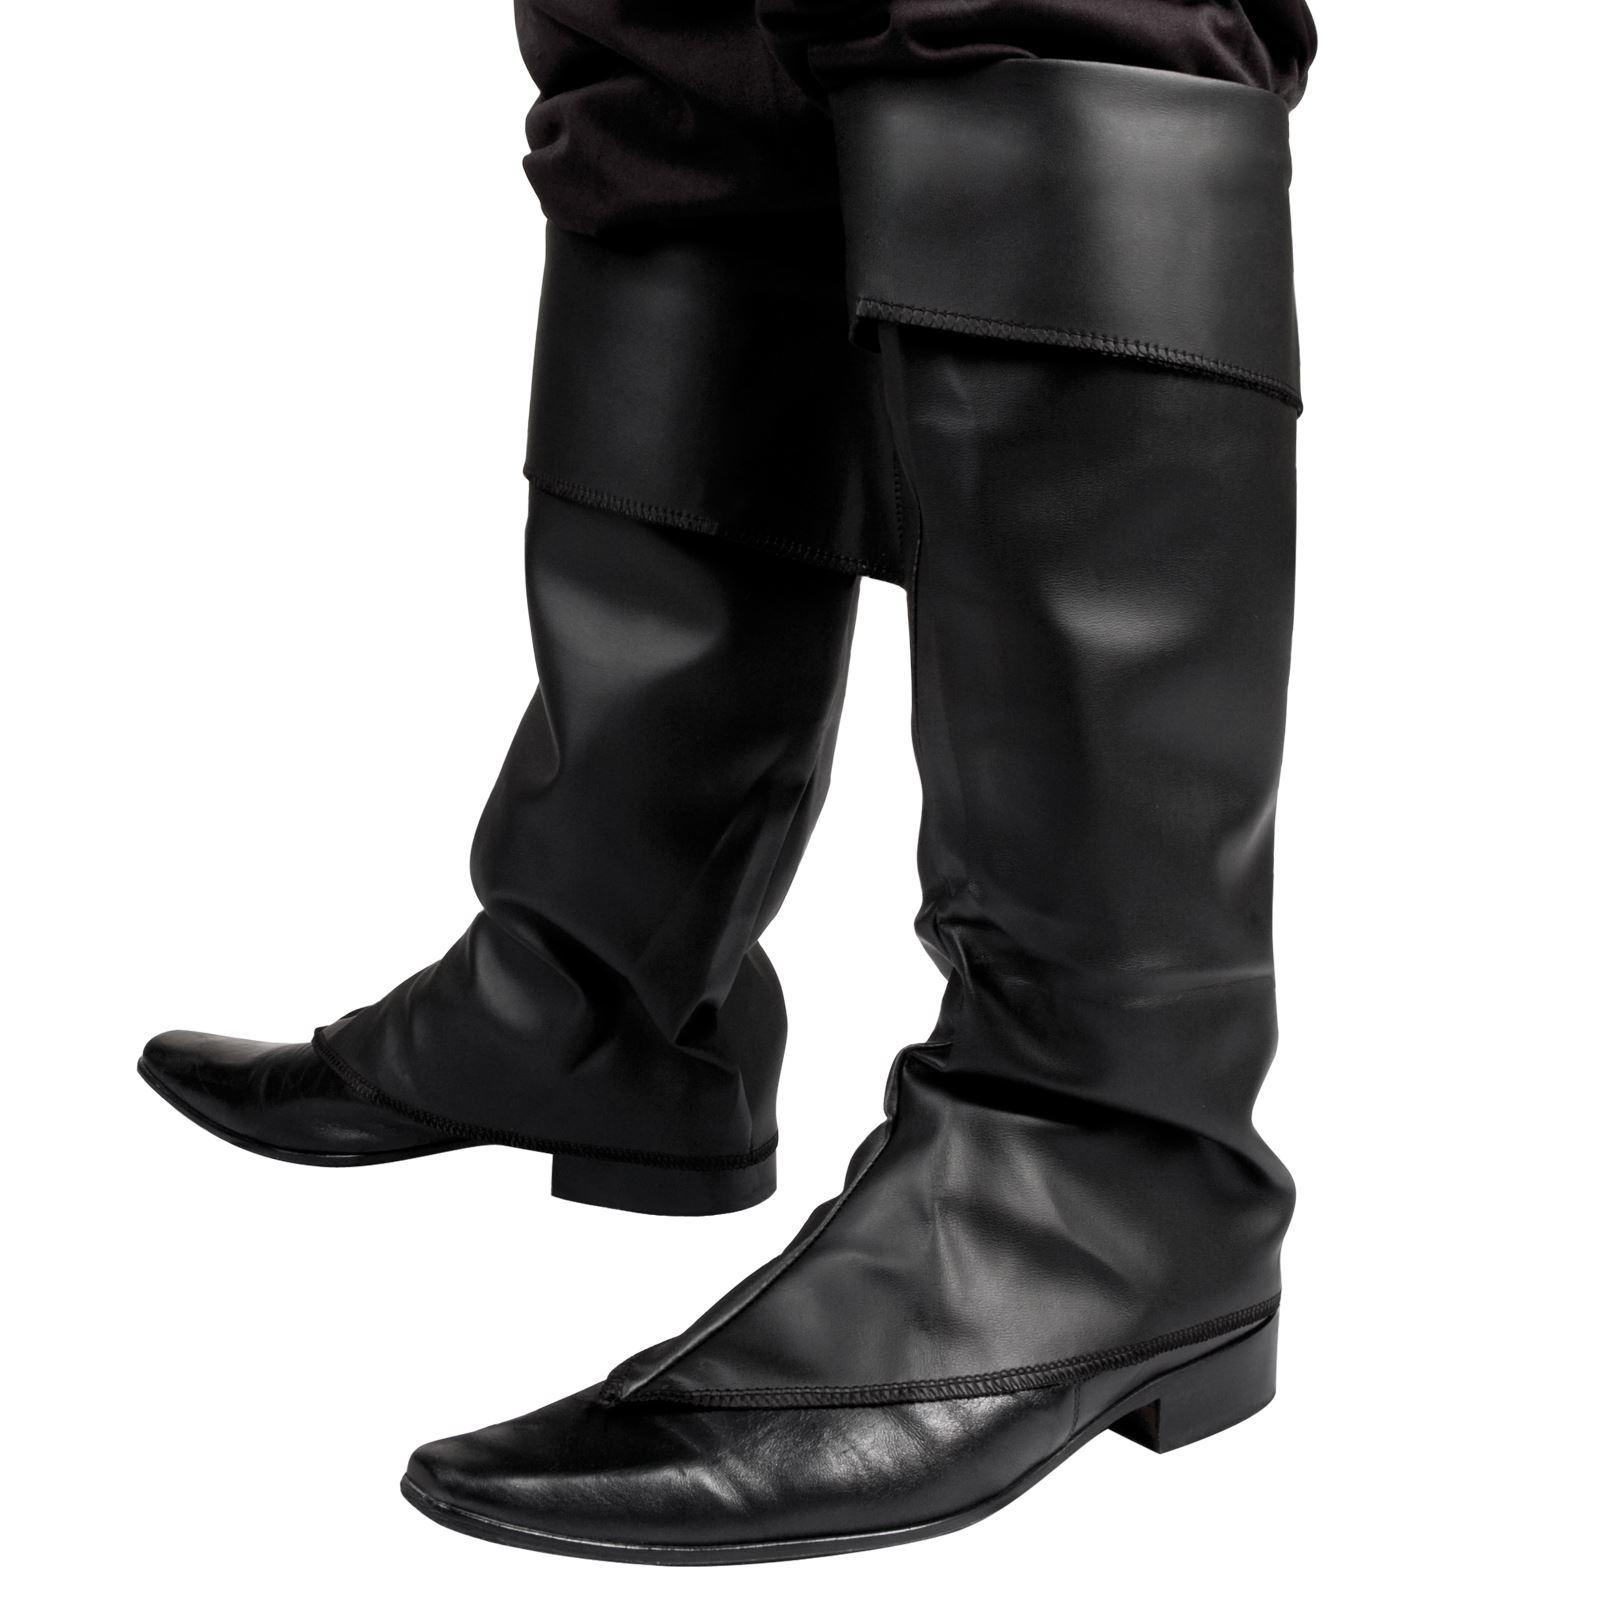 herren damen schwarze stiefel top abdeckungen mittelalterlich peter pan piraten ebay. Black Bedroom Furniture Sets. Home Design Ideas